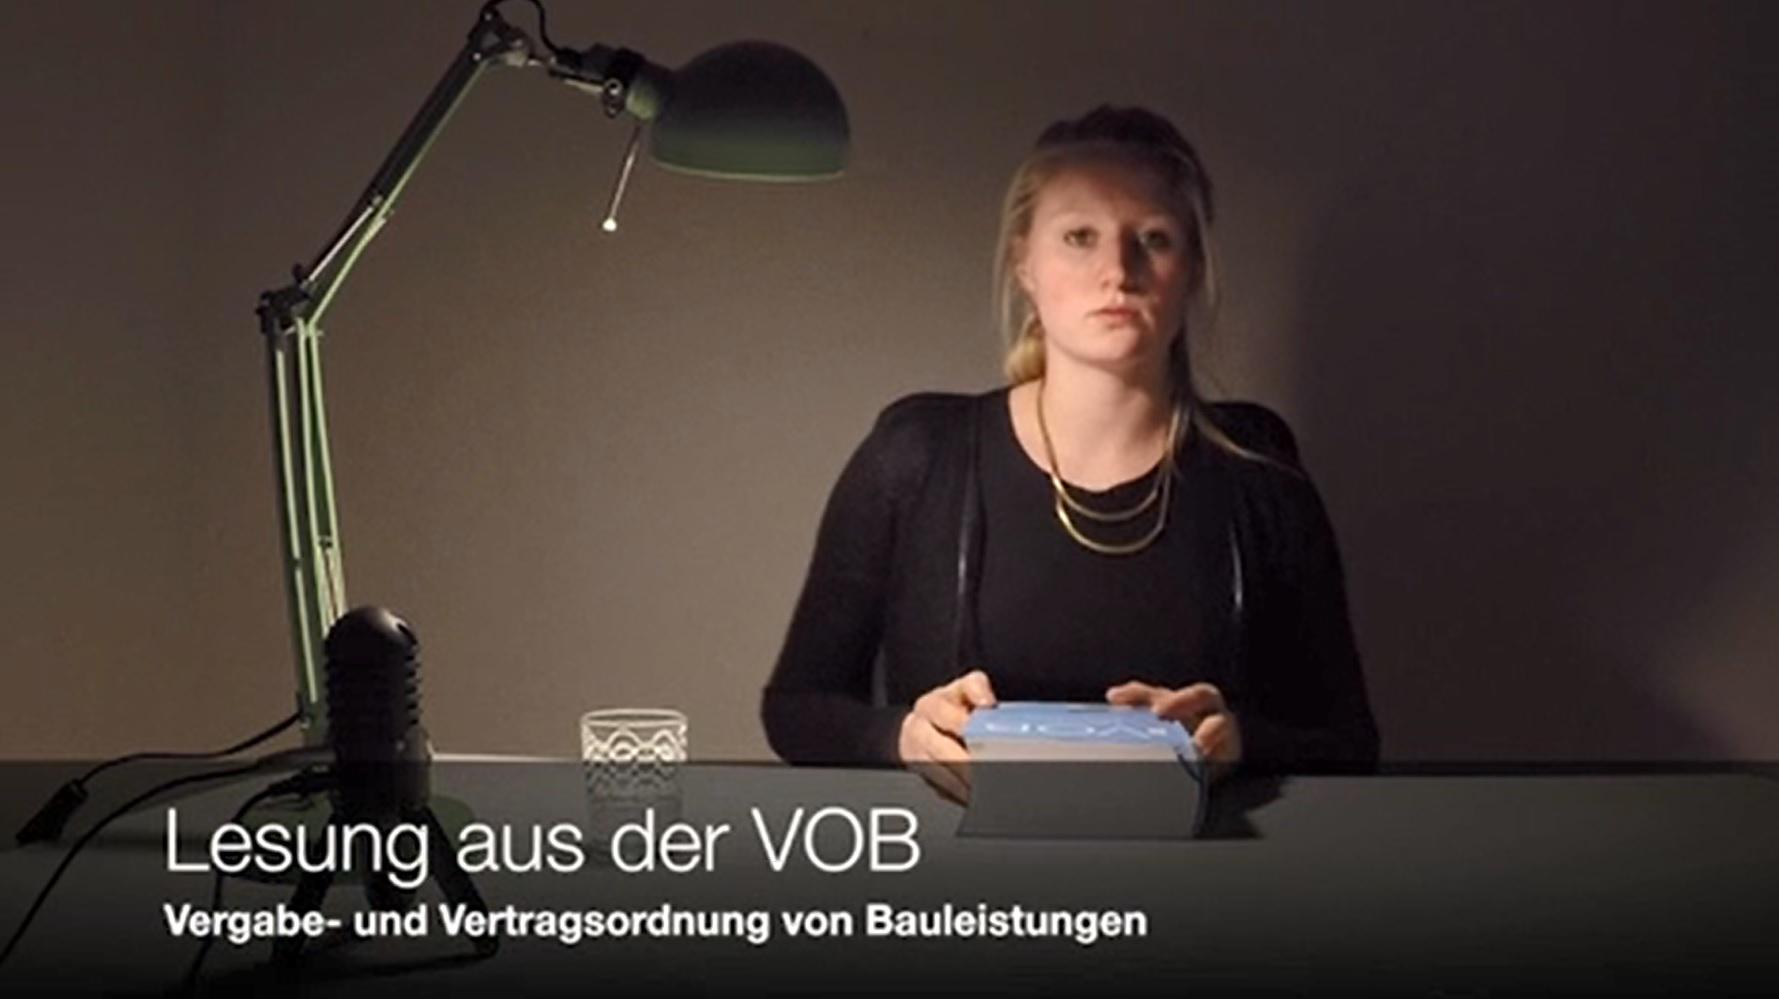 """""""lesungen aus der vob"""": Beispiele für die seltsame Prosa zur Architektur"""